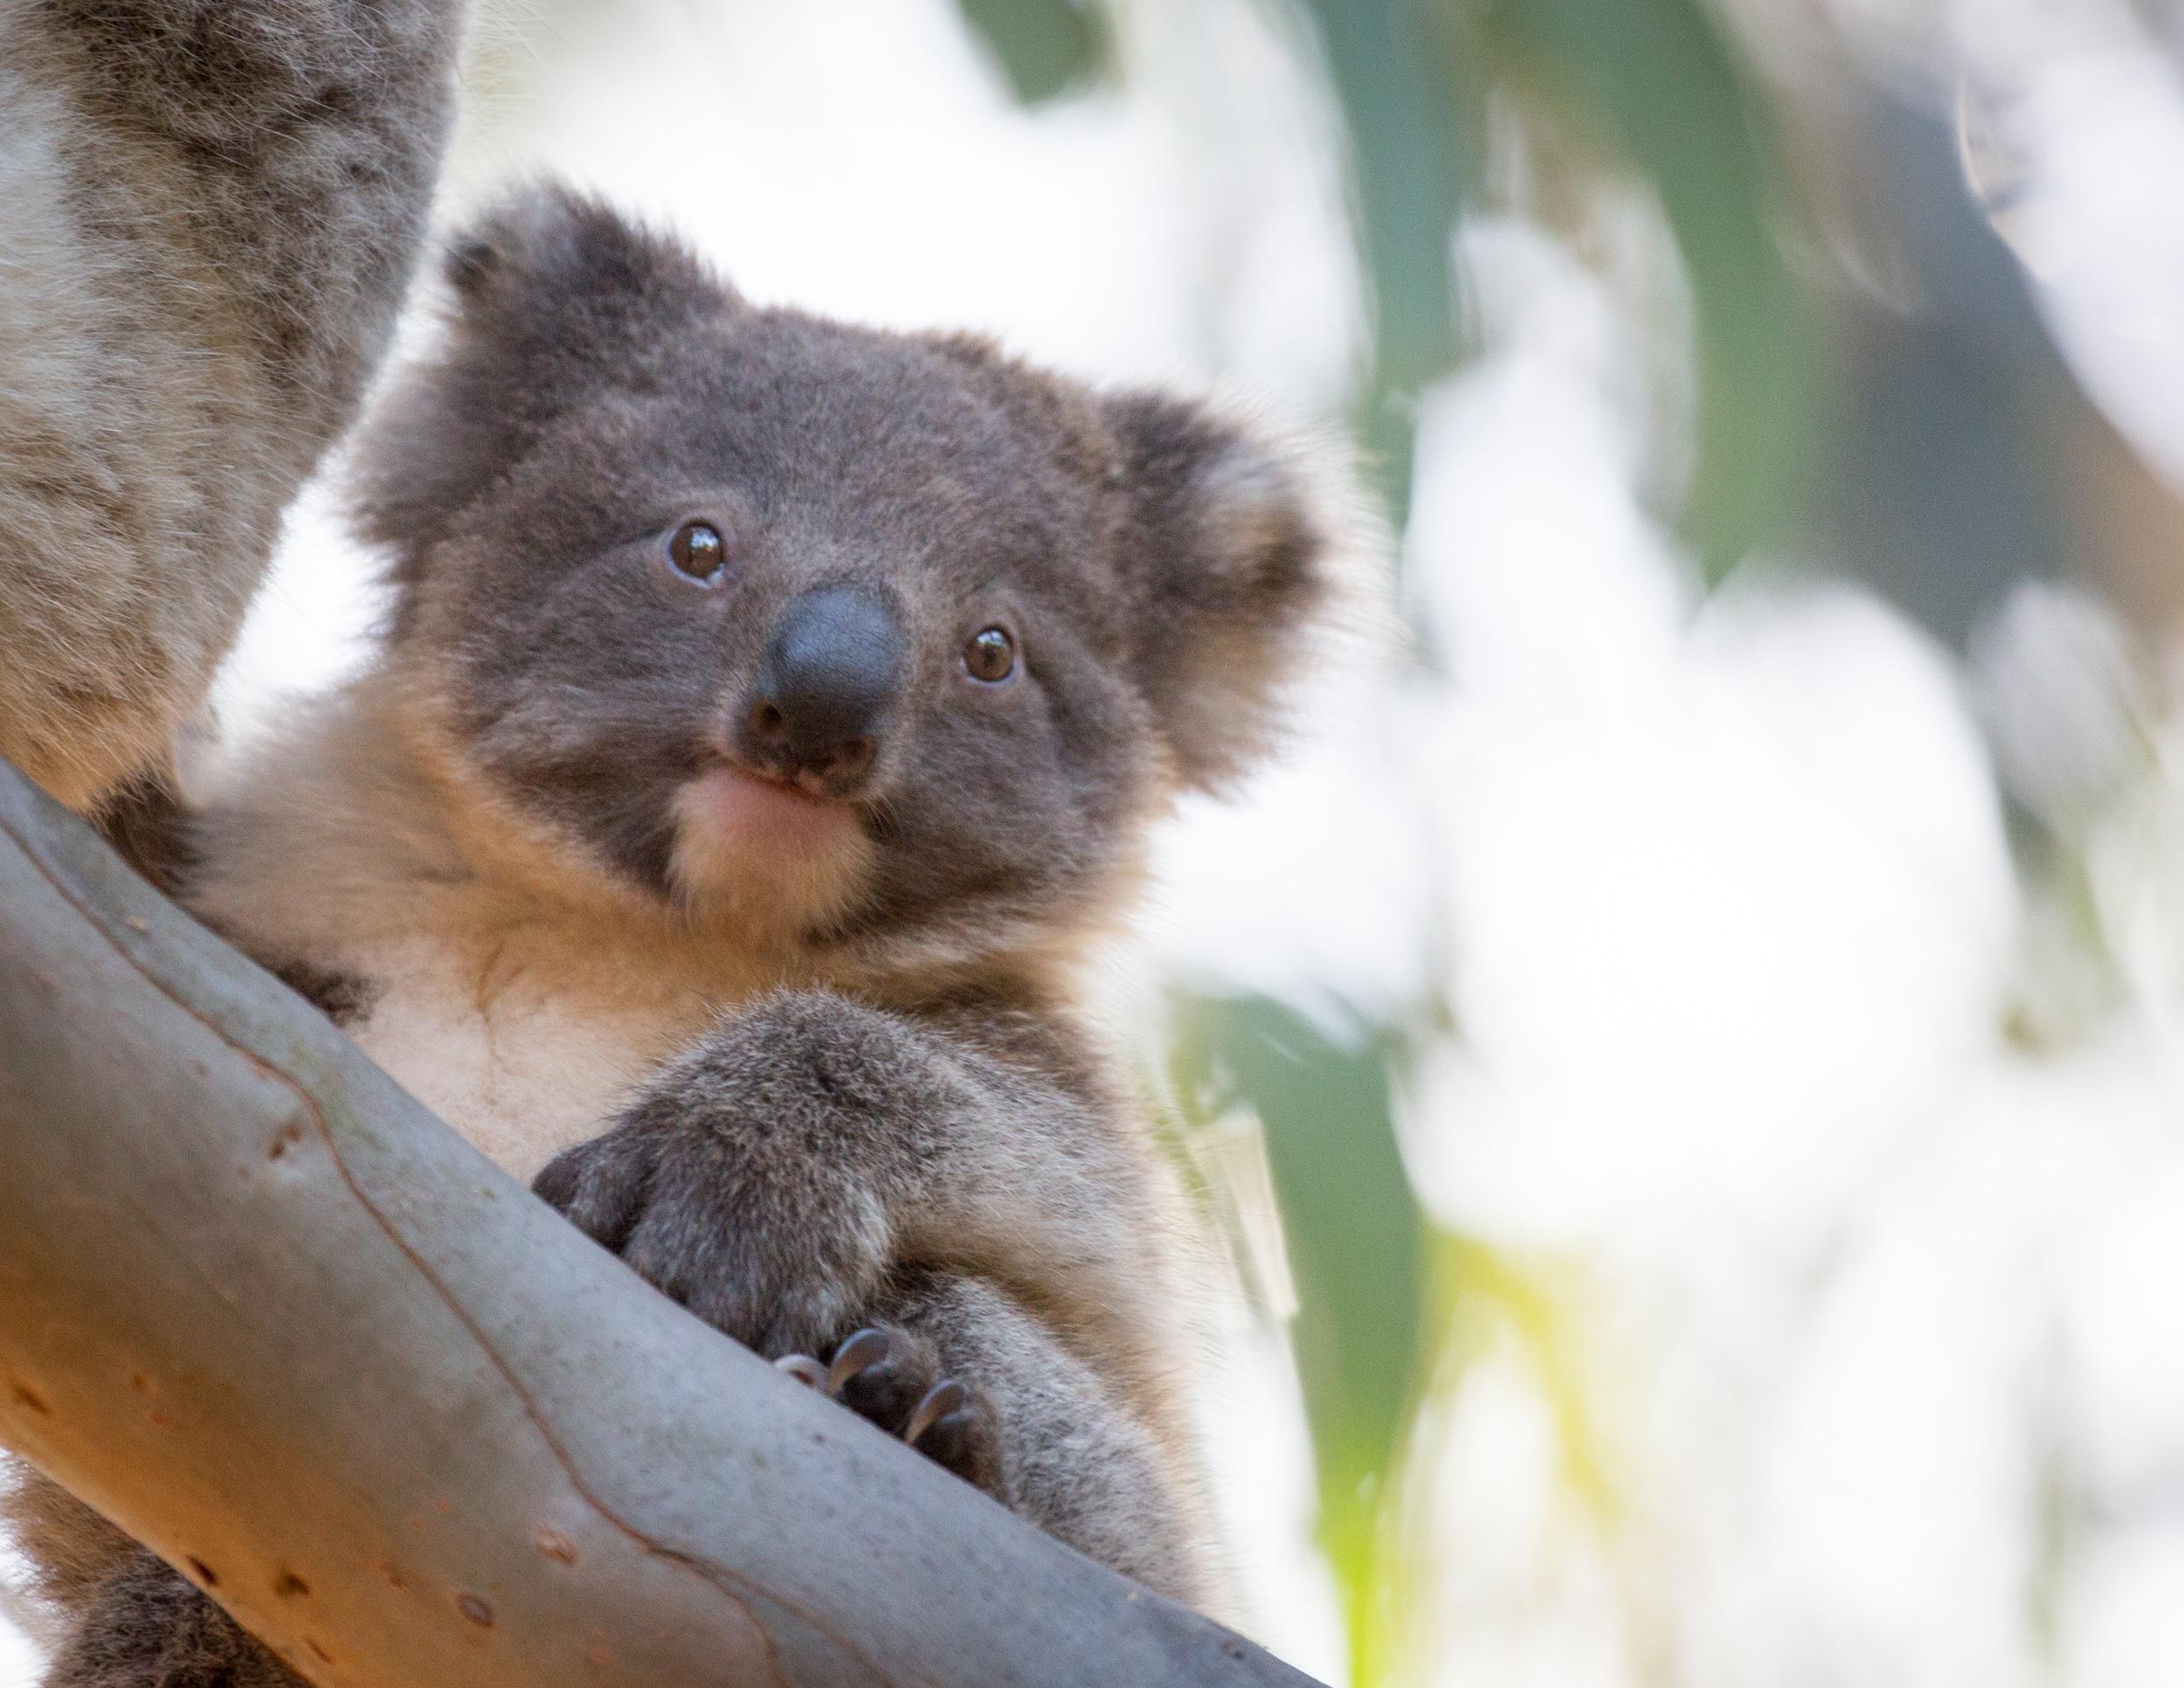 Best things to do on Kangaroo Island: Seeing koalas